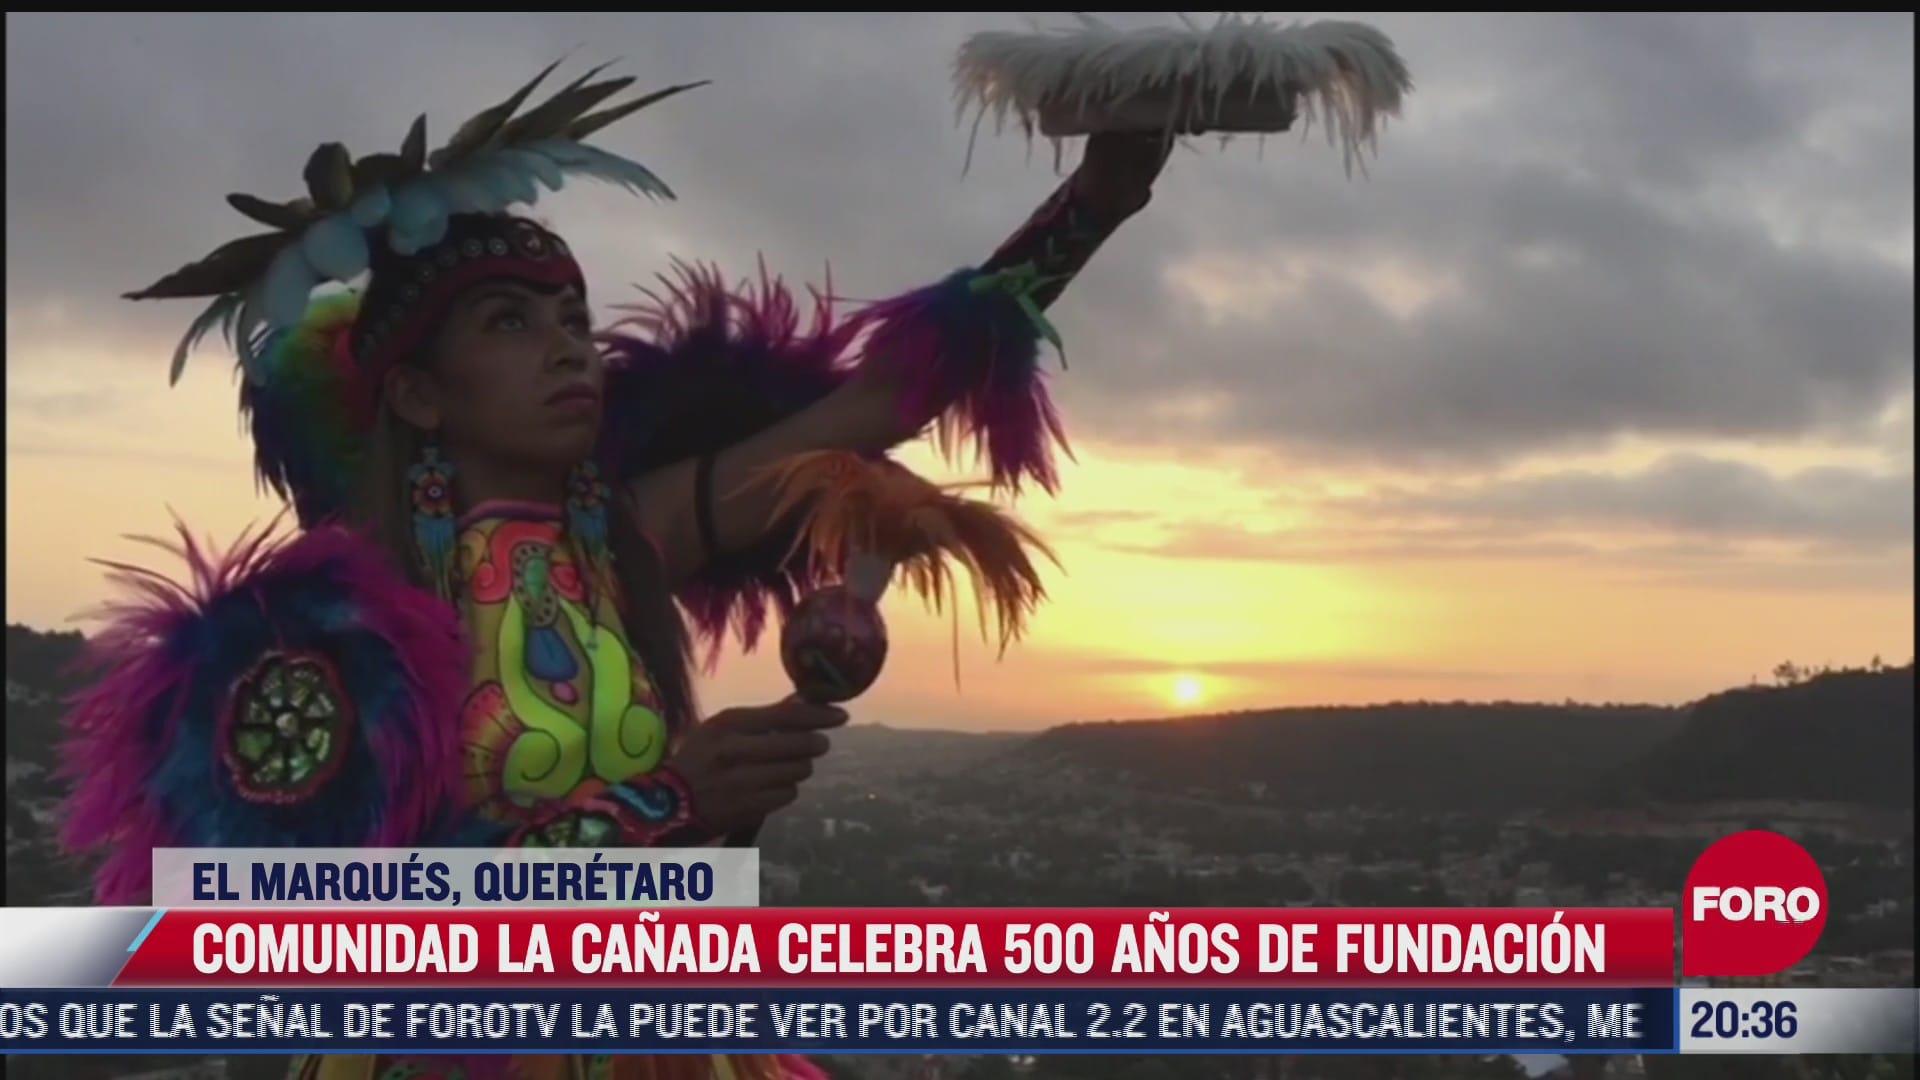 comunidad la canada celebra 500 anos de fundacion en queretaro